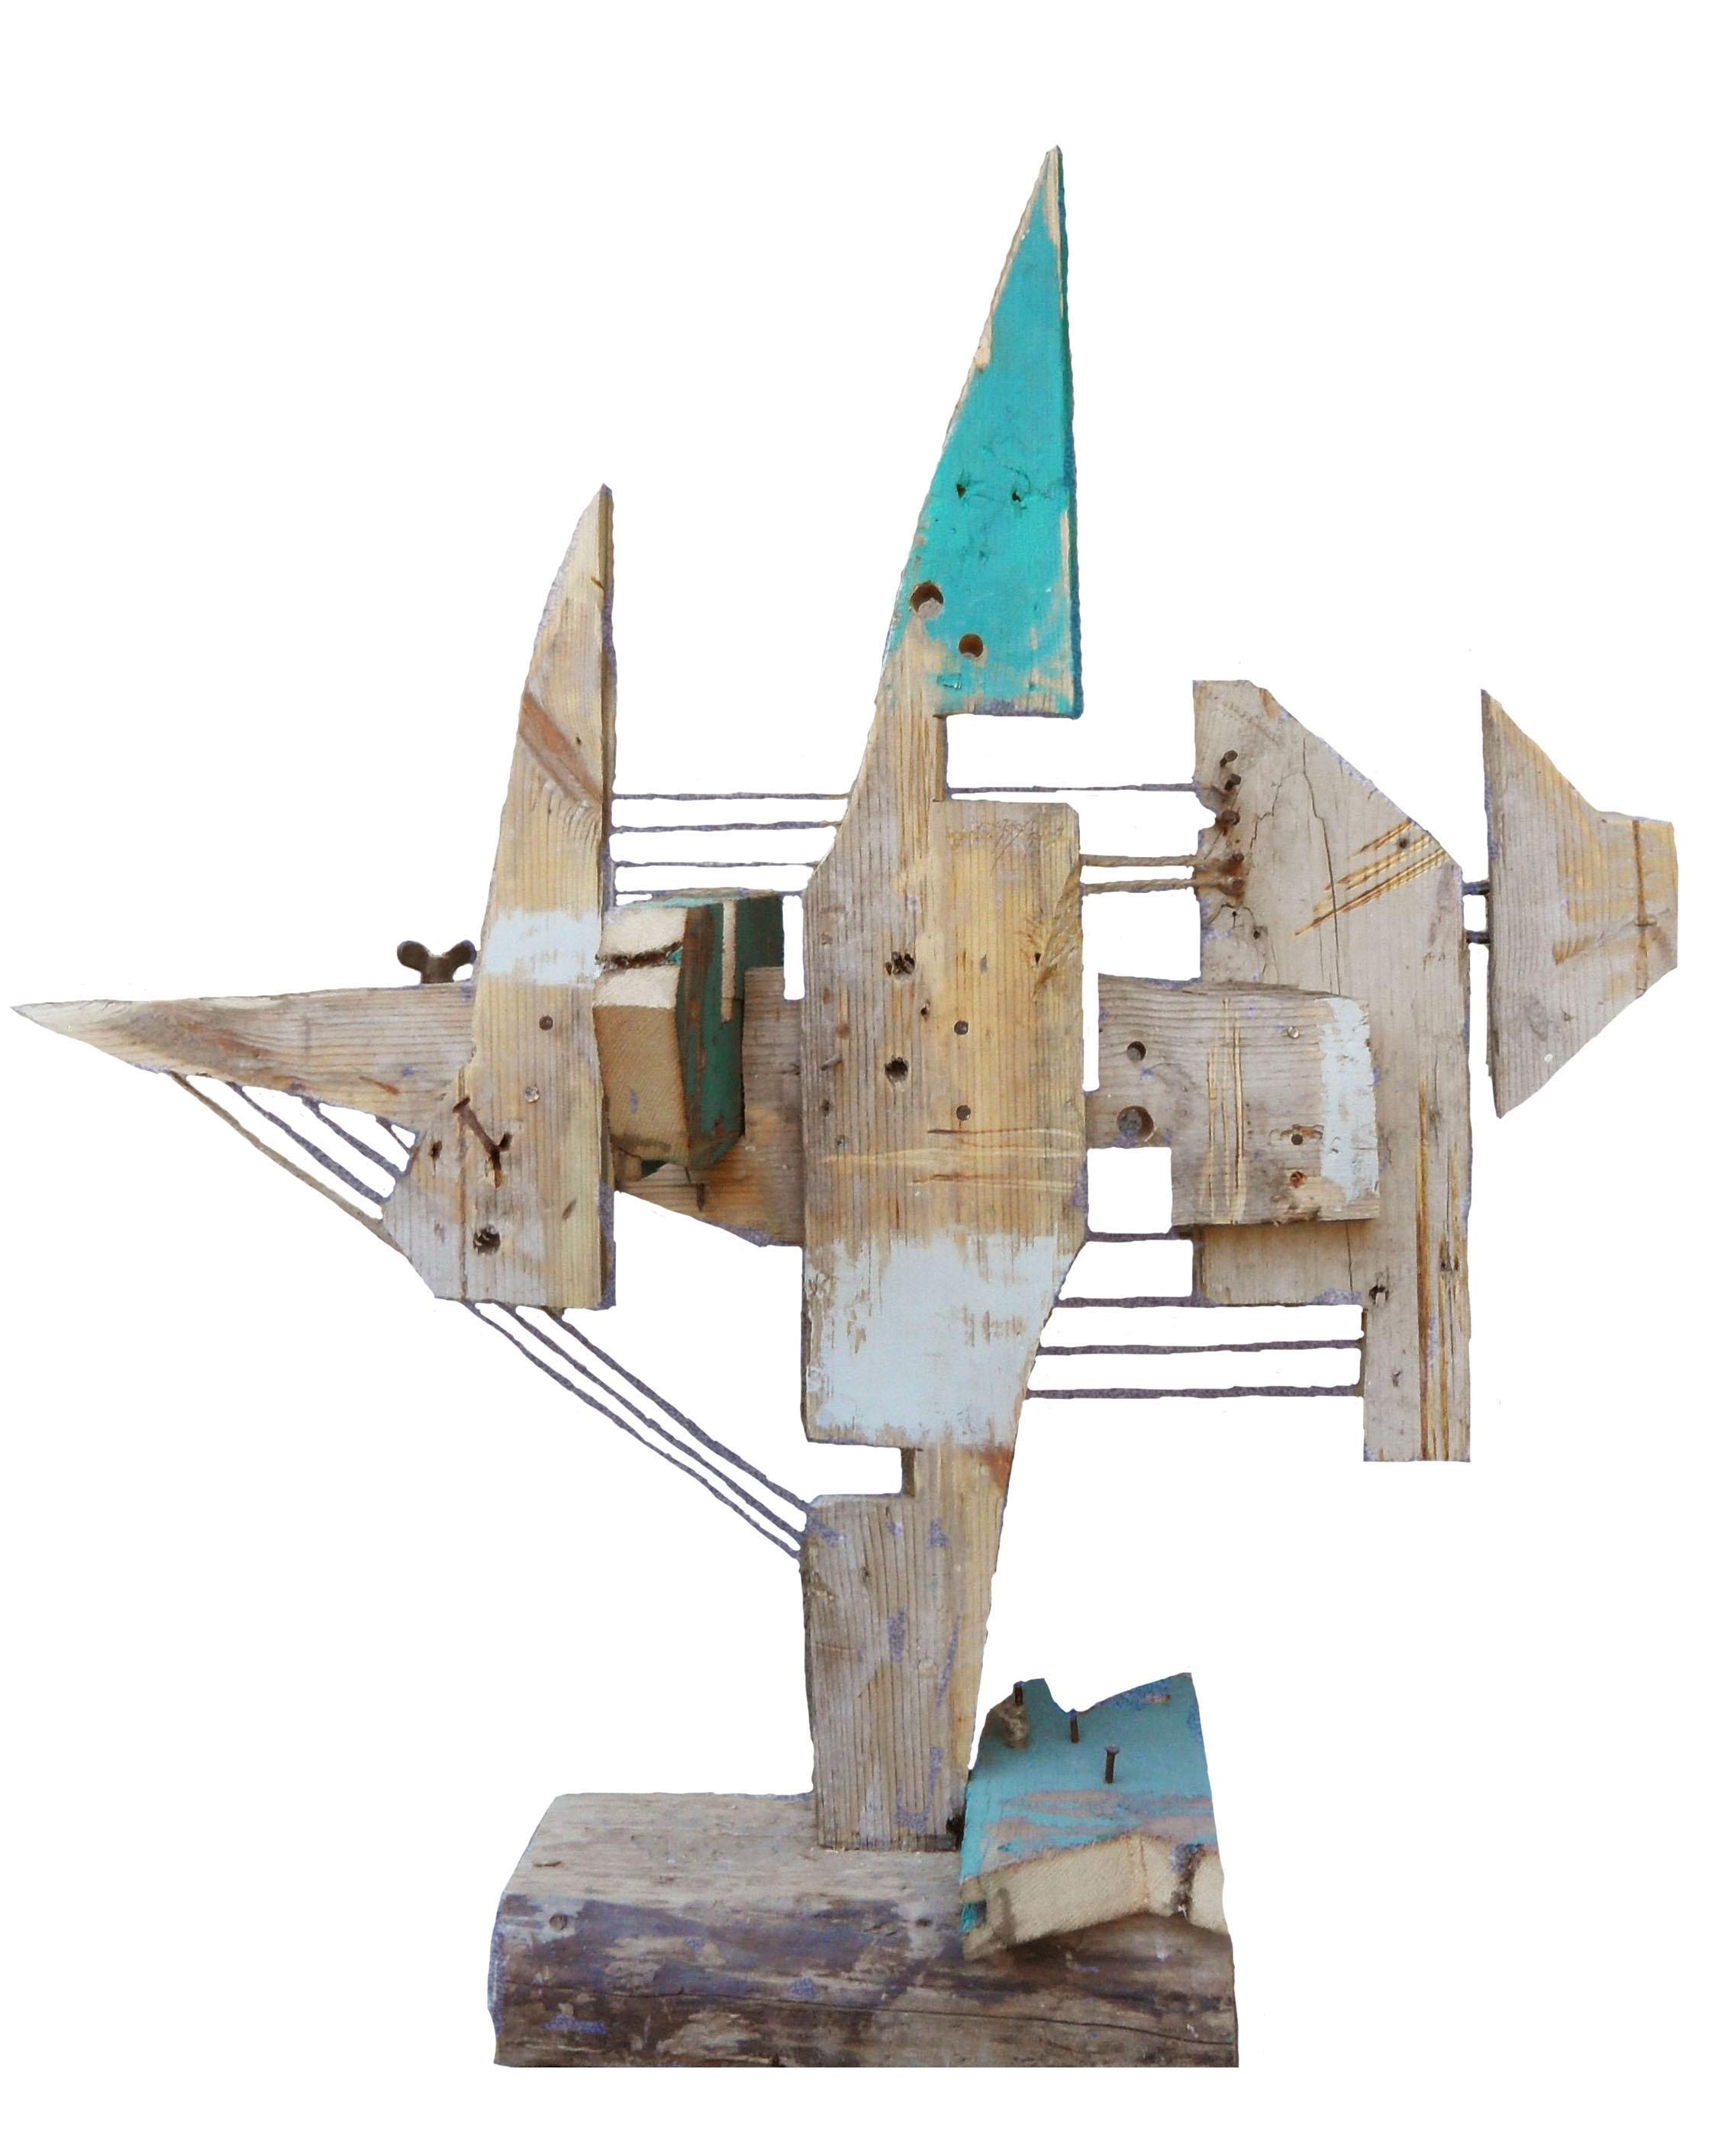 Тетра, 70х65х40 см, 2015, дерево